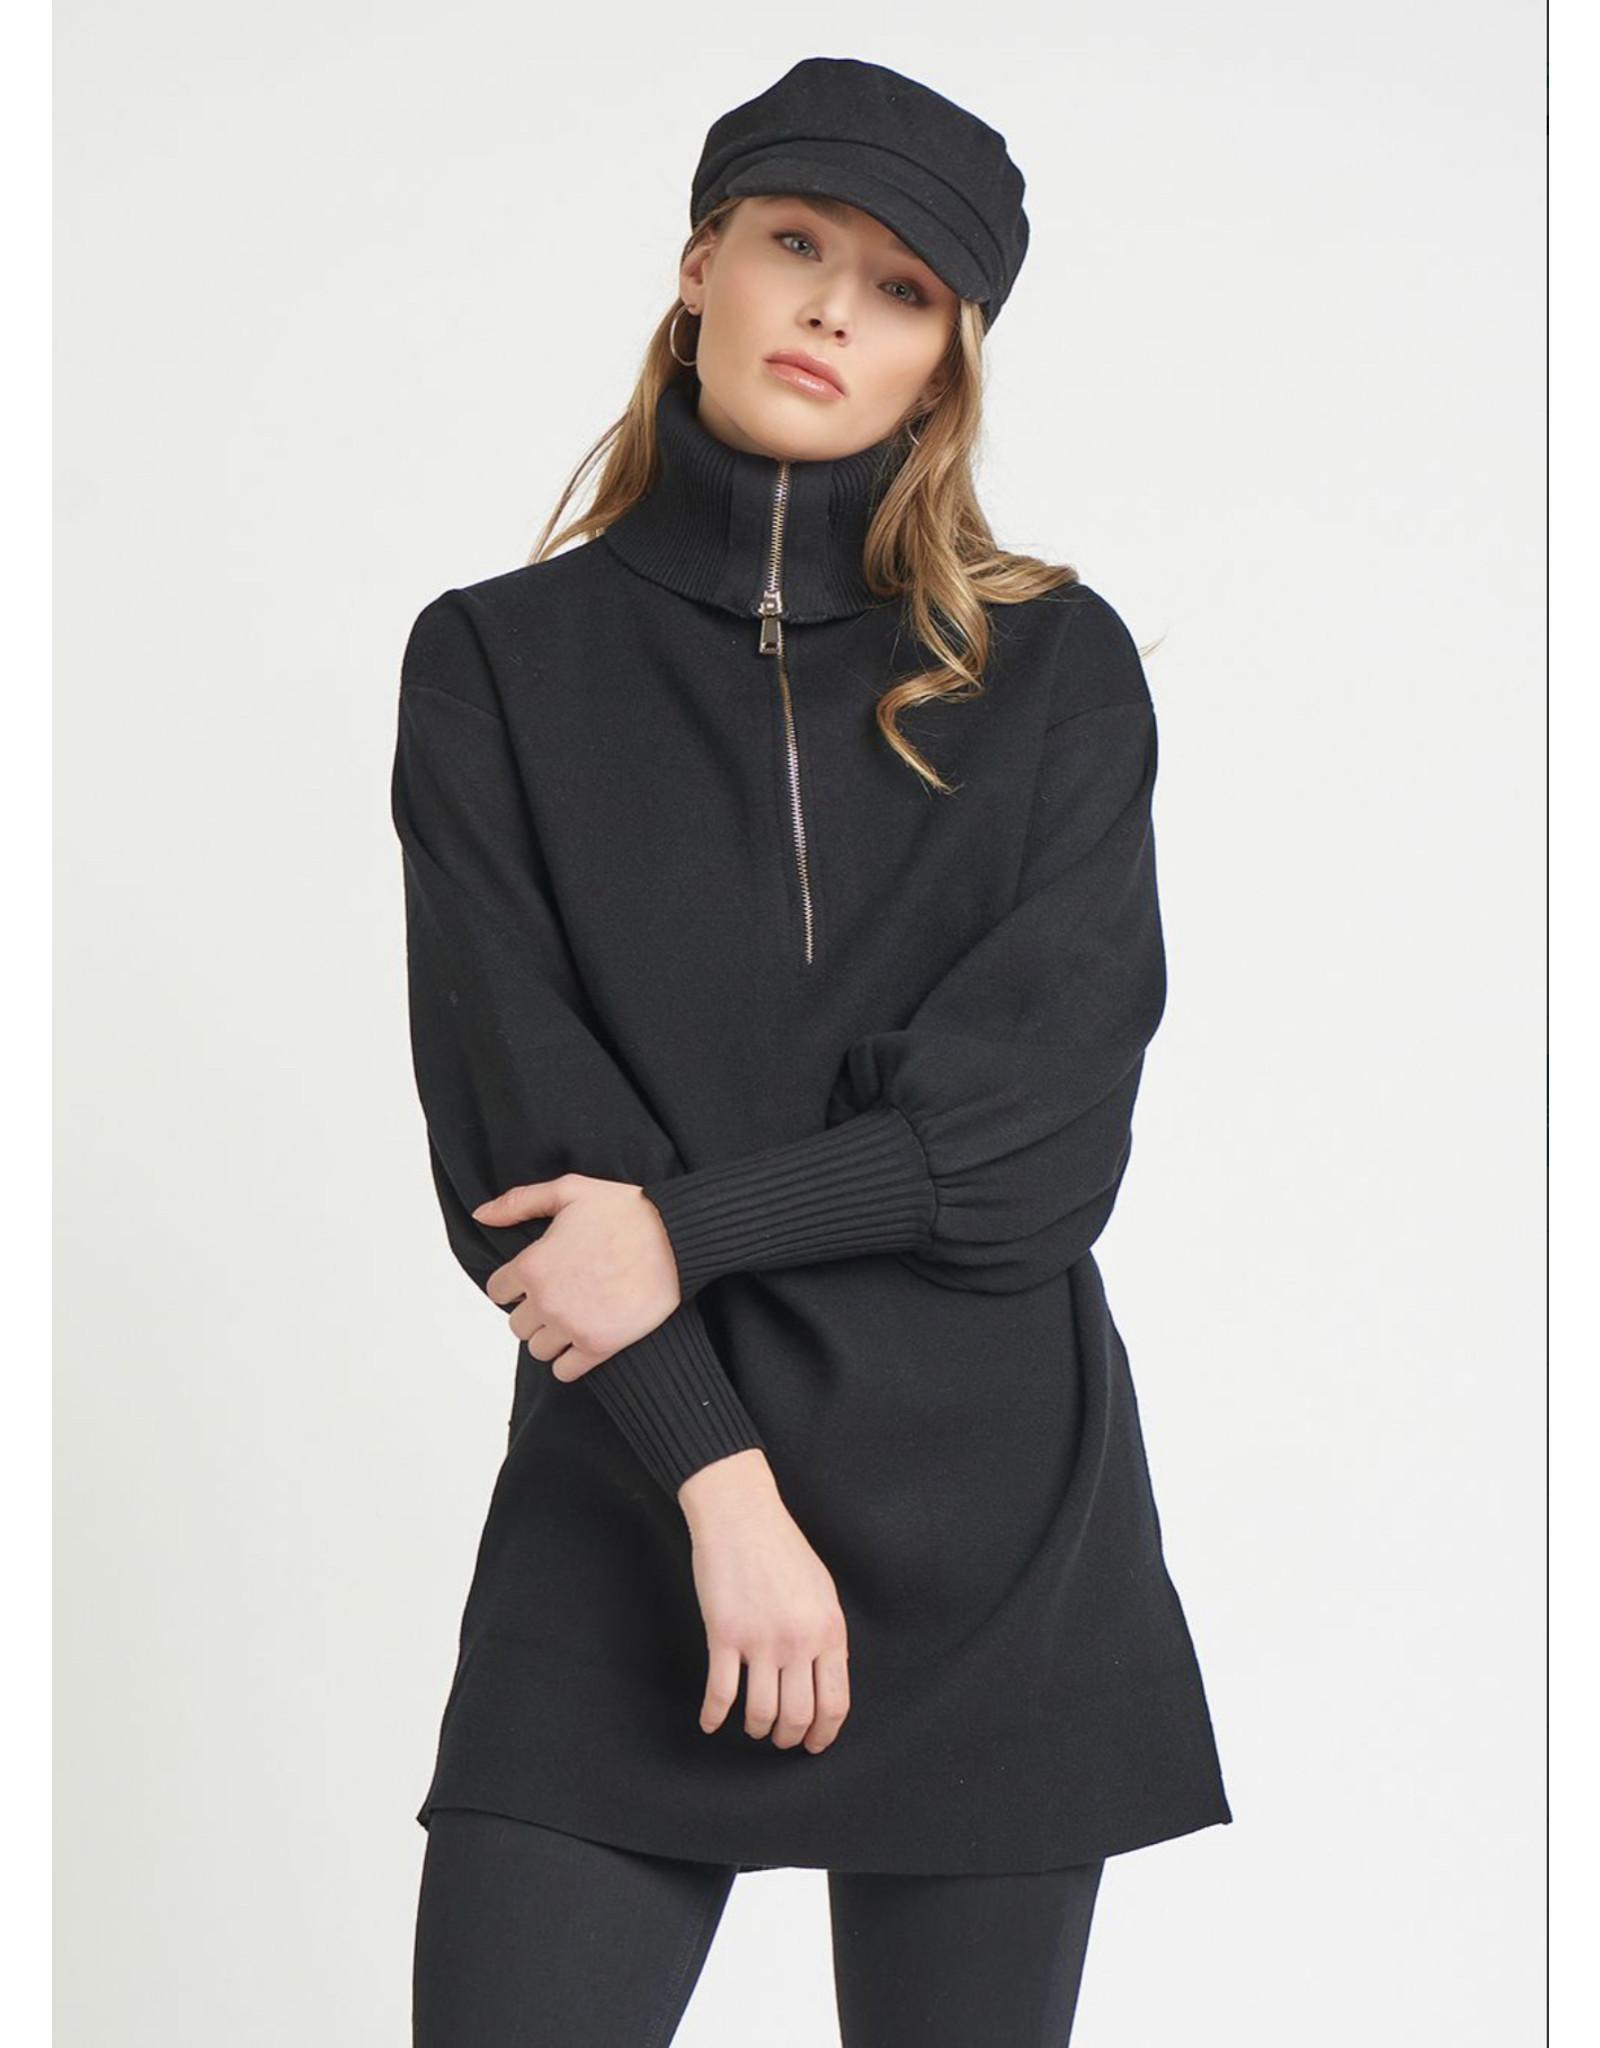 Dex Front Zip Turtle Neck Sweater, Black